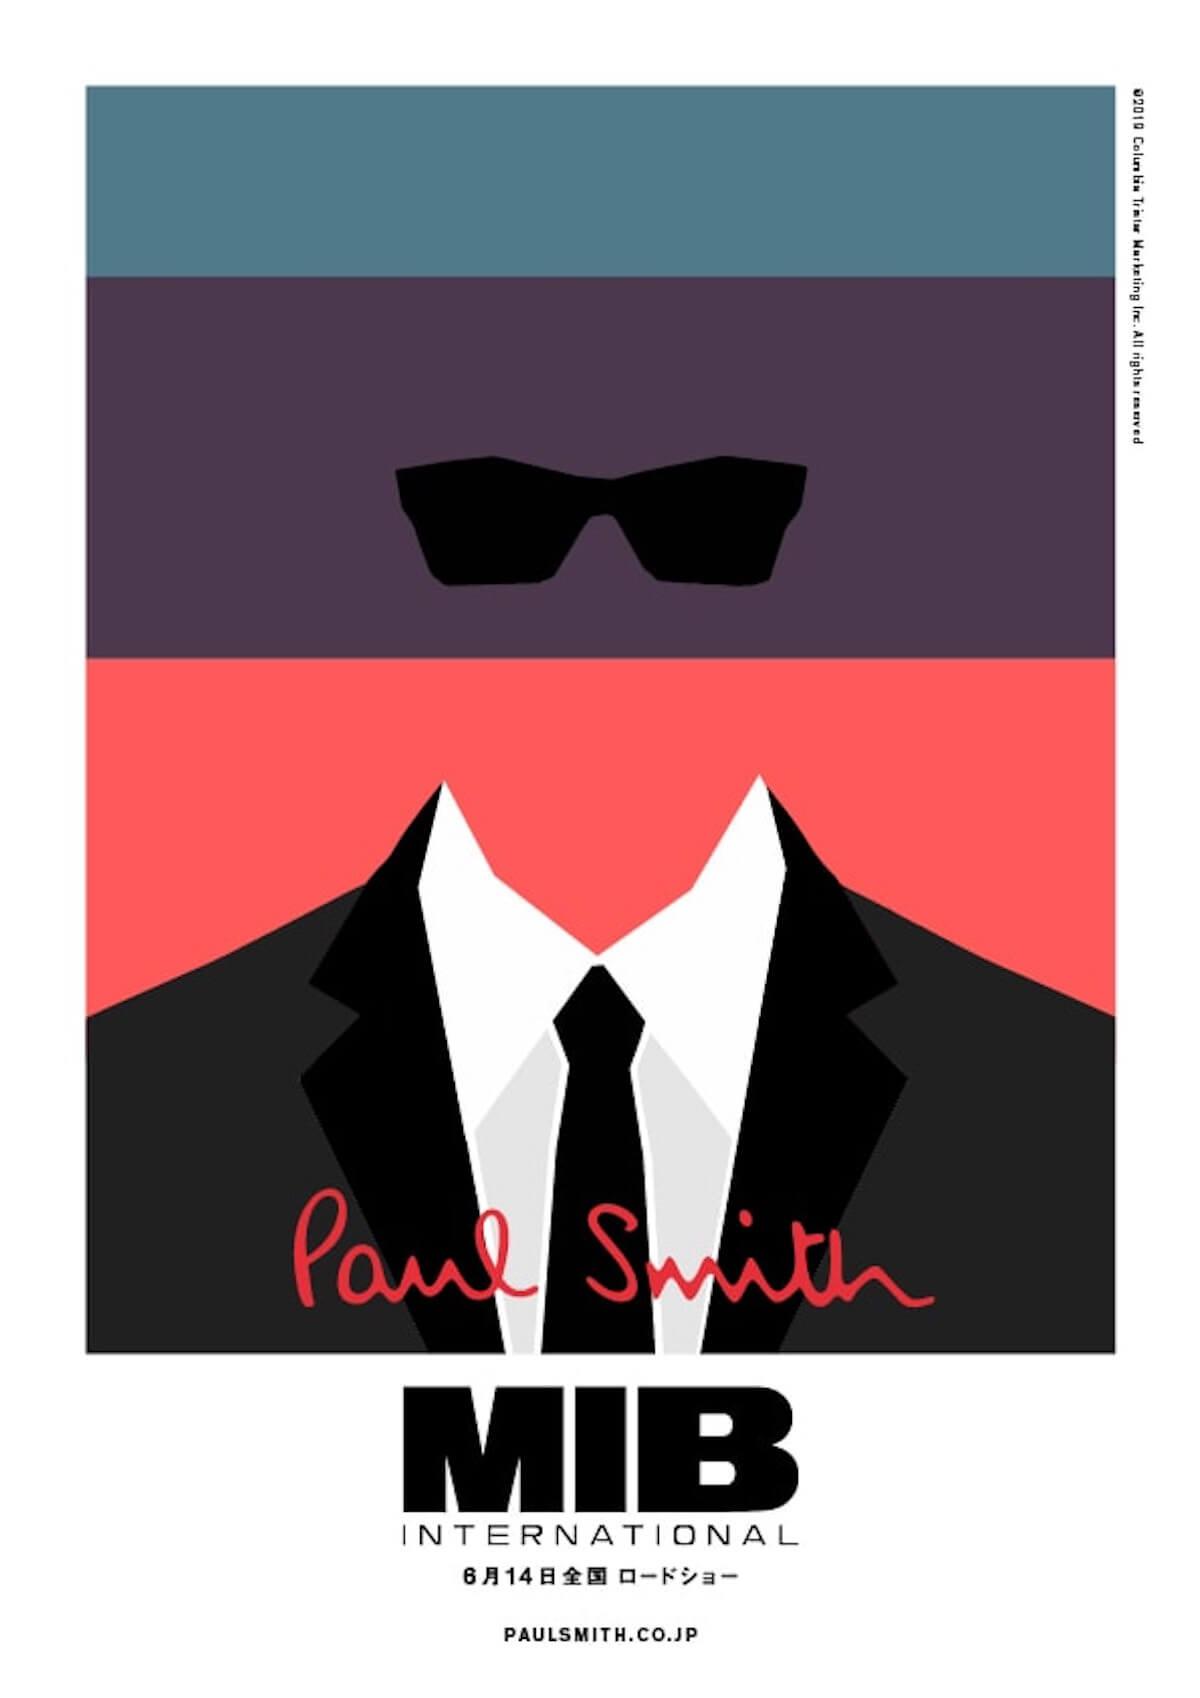 一番の見所はポール・スミス!?『メン・イン・ブラック:インターナショナル』来週公開 ポール・スミス、コラボアイテムの販売も film190606_mib_paulsmith_2